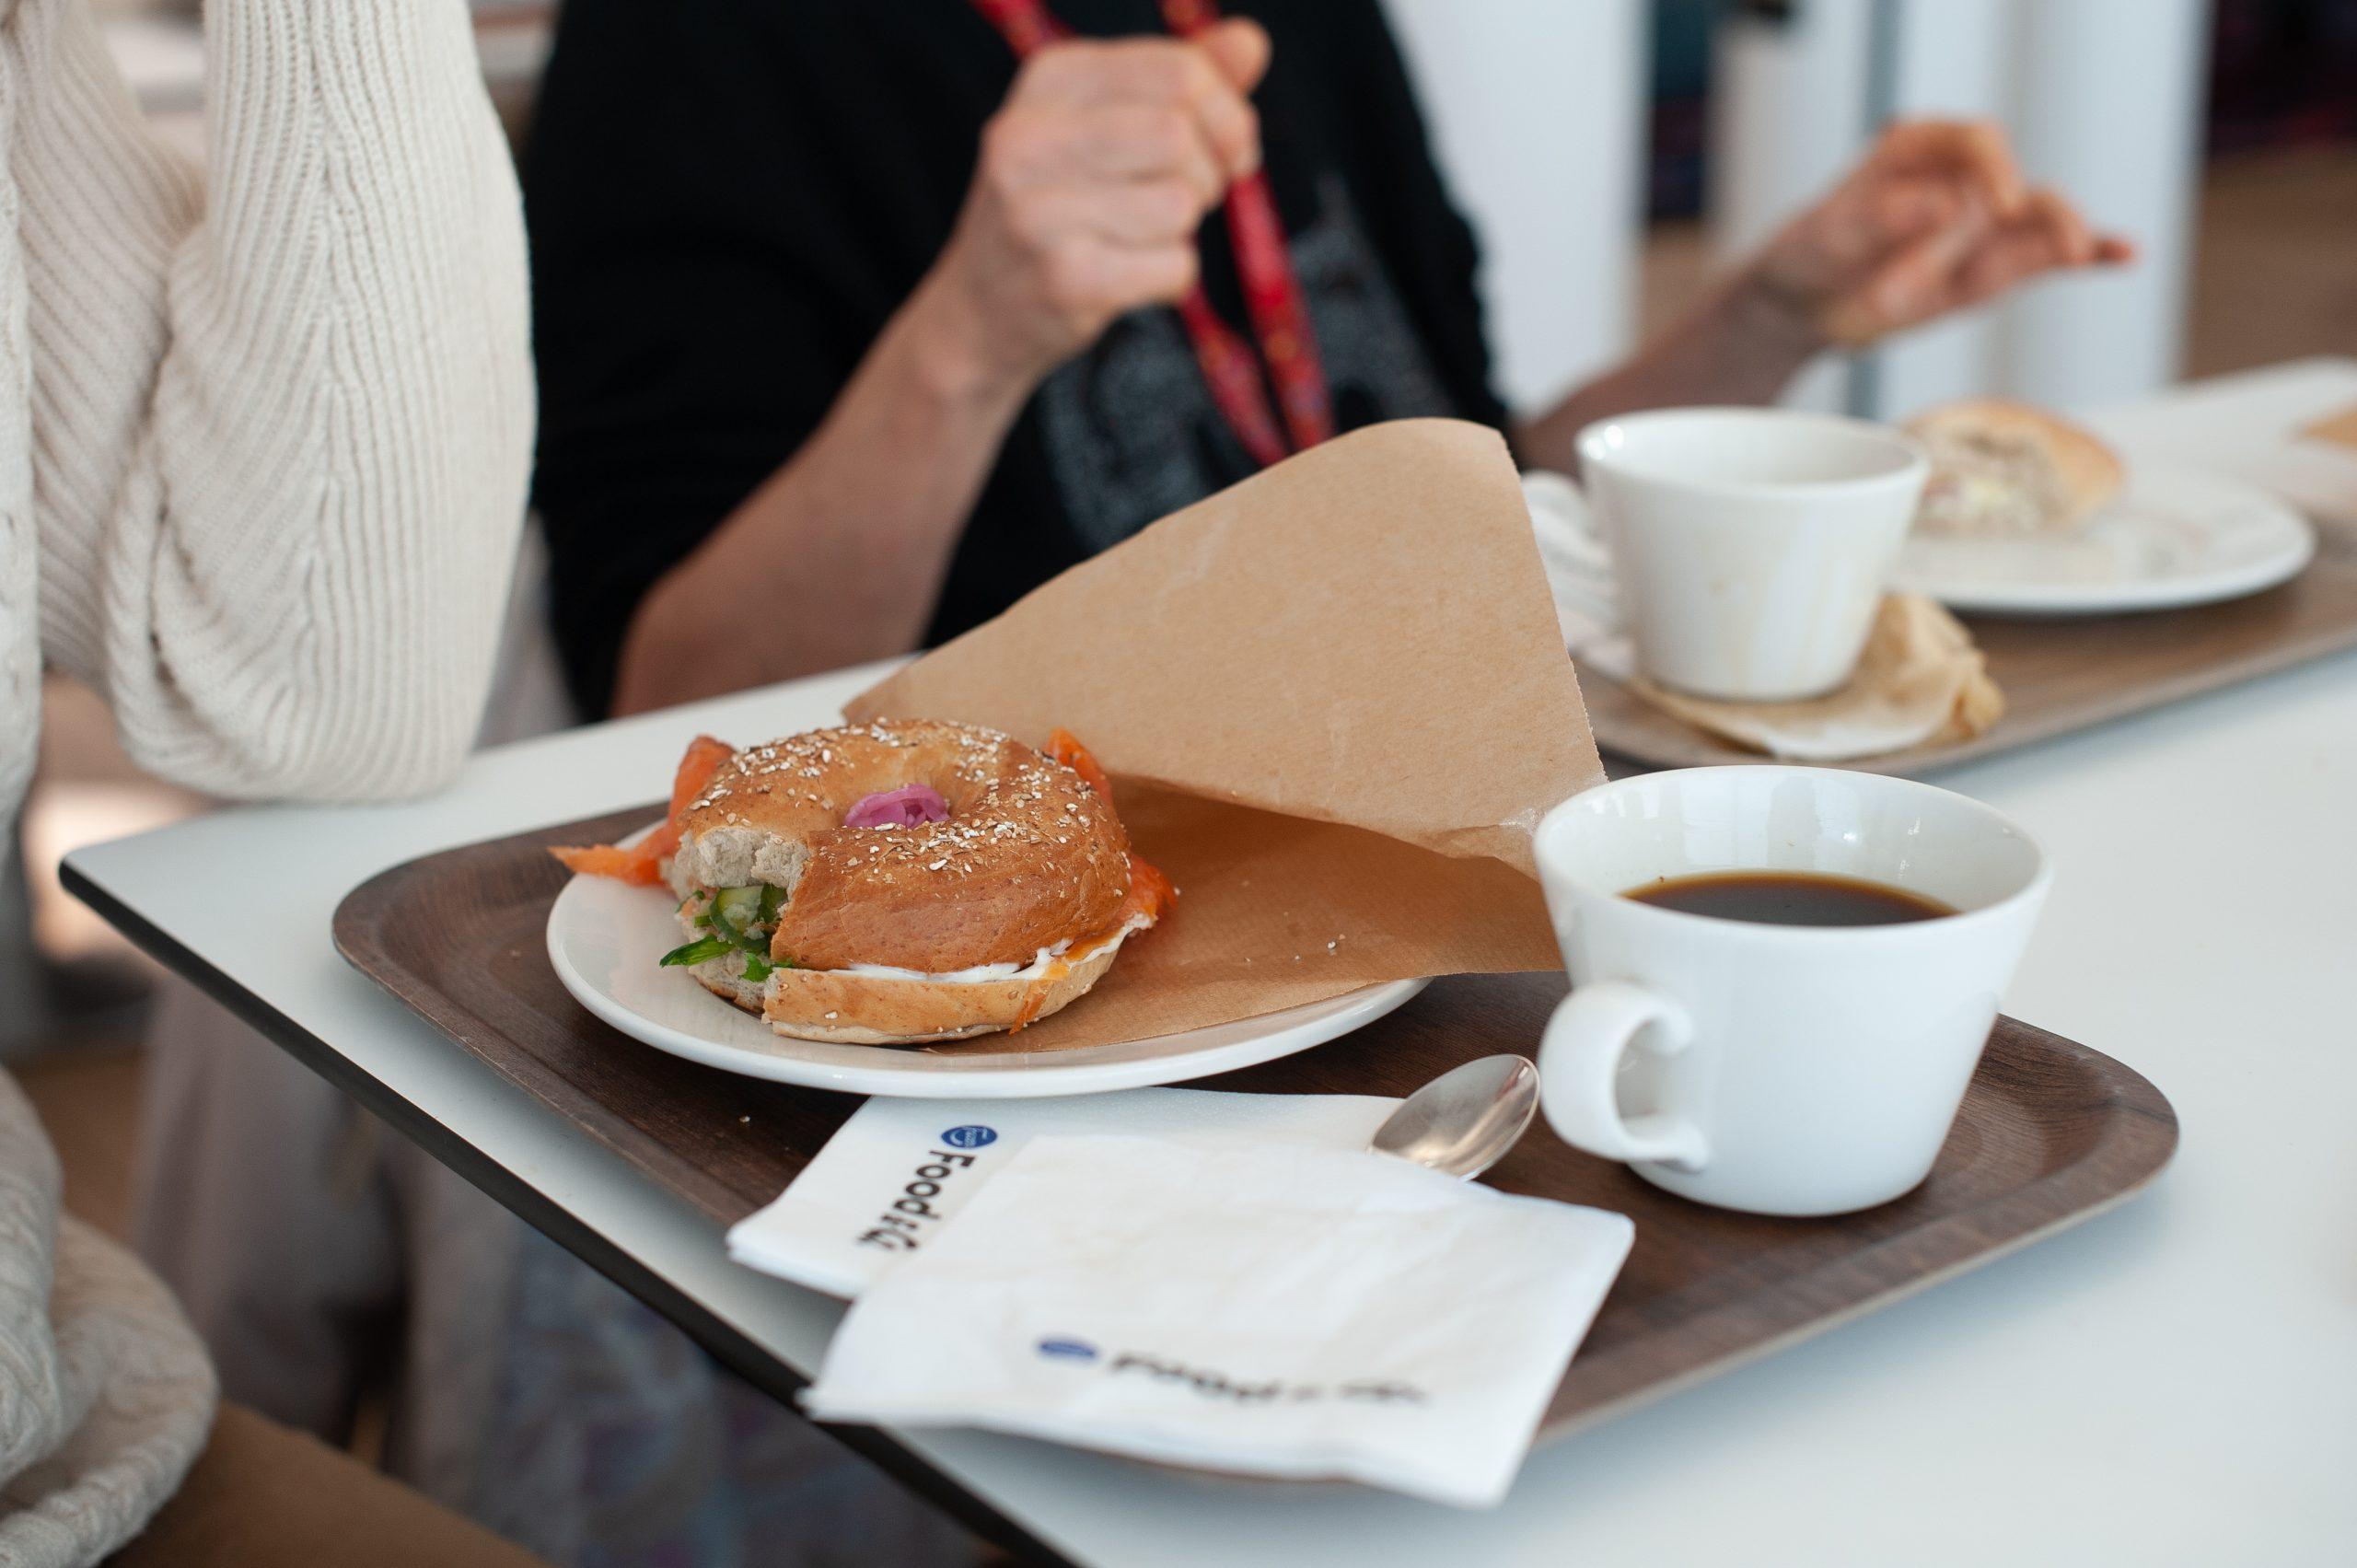 Illustrationsbild på en kaffekopp och semla